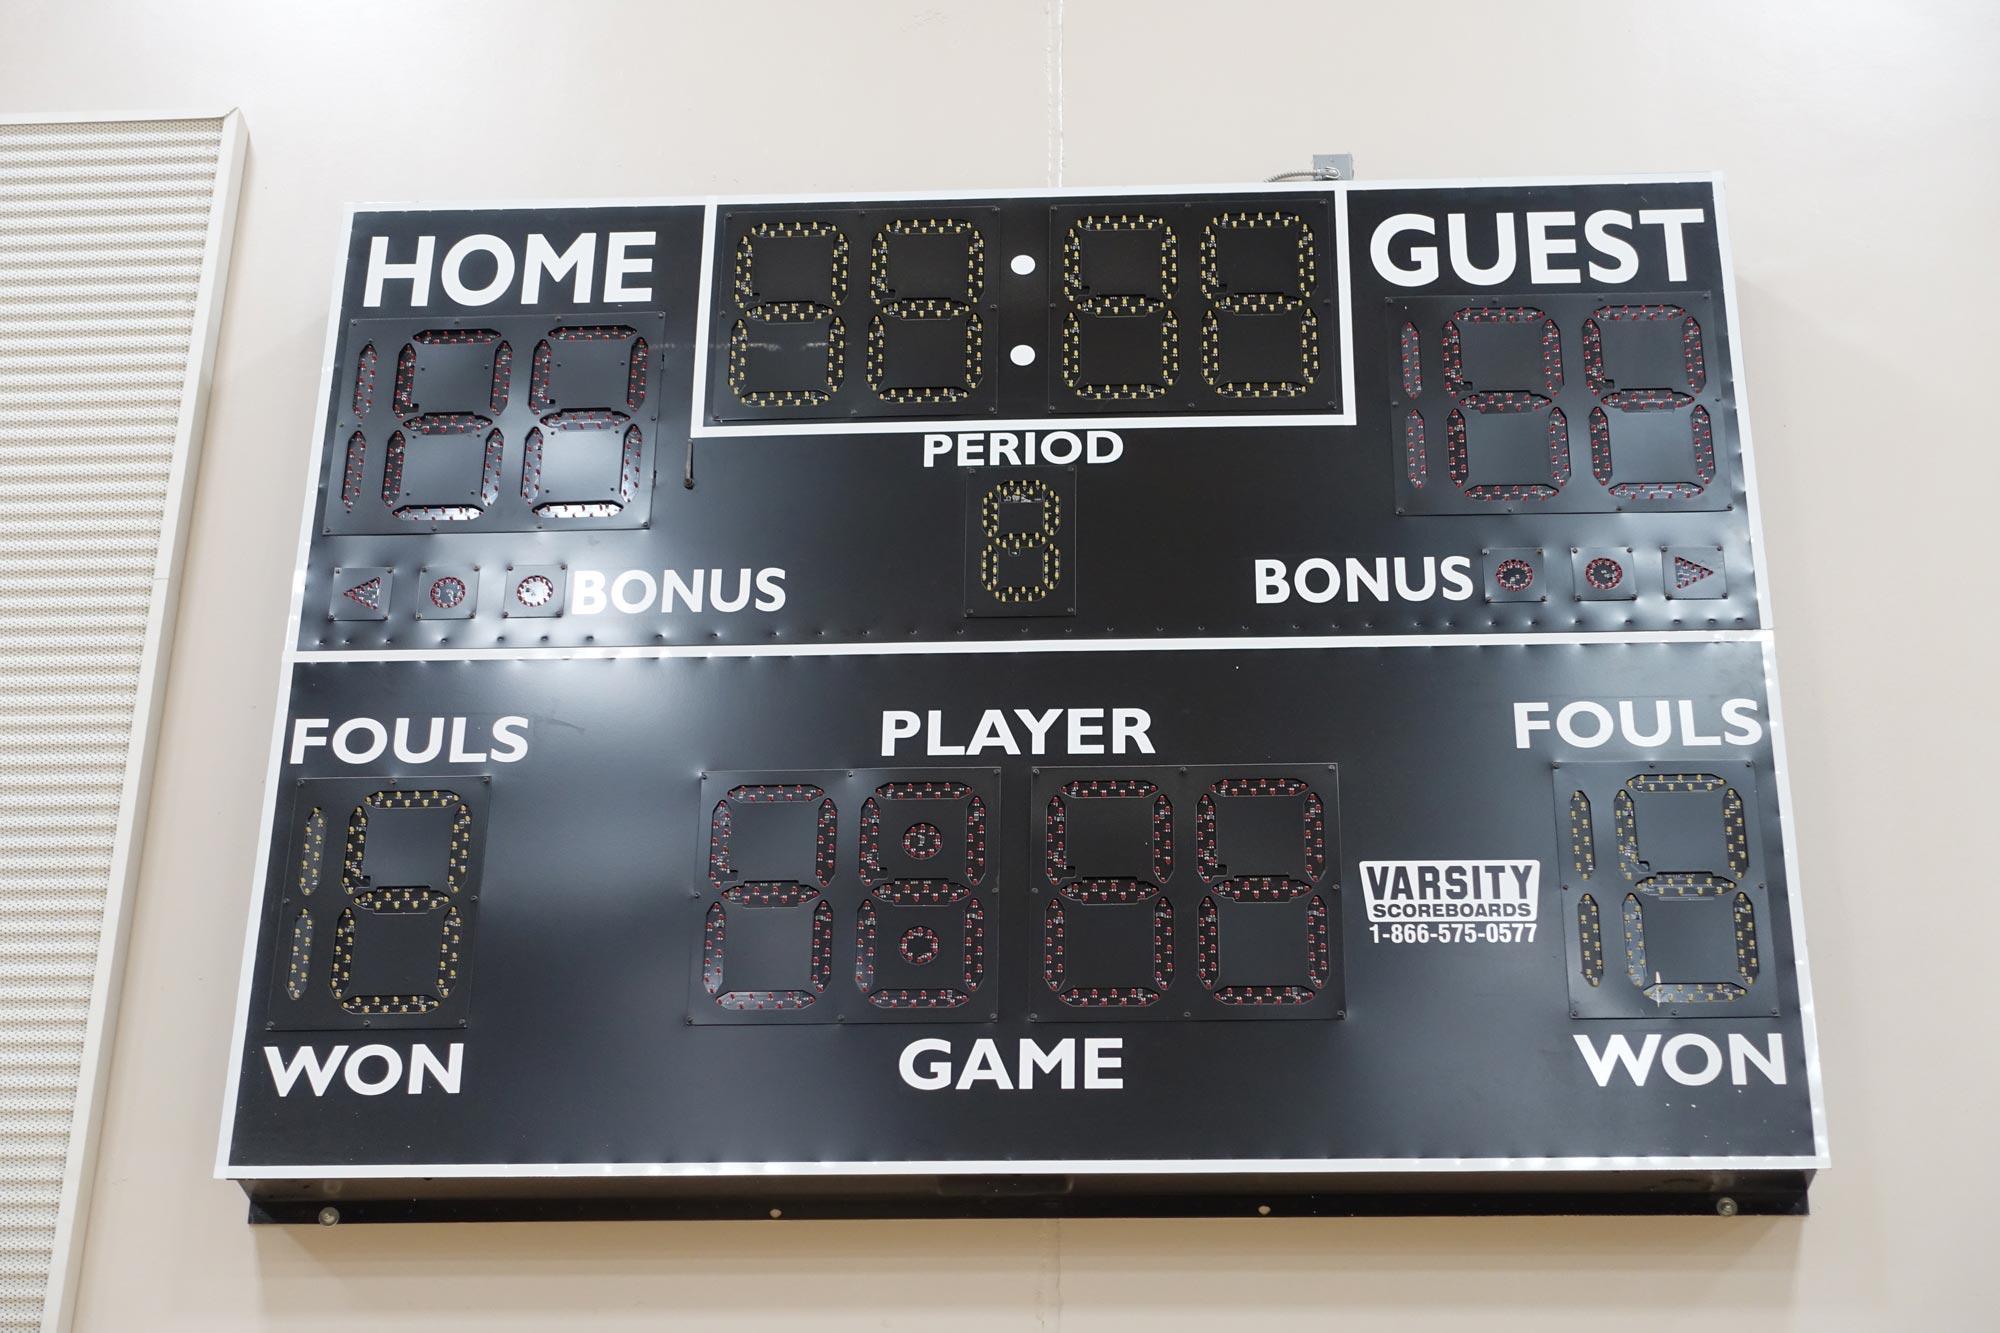 Middle school score board equipment